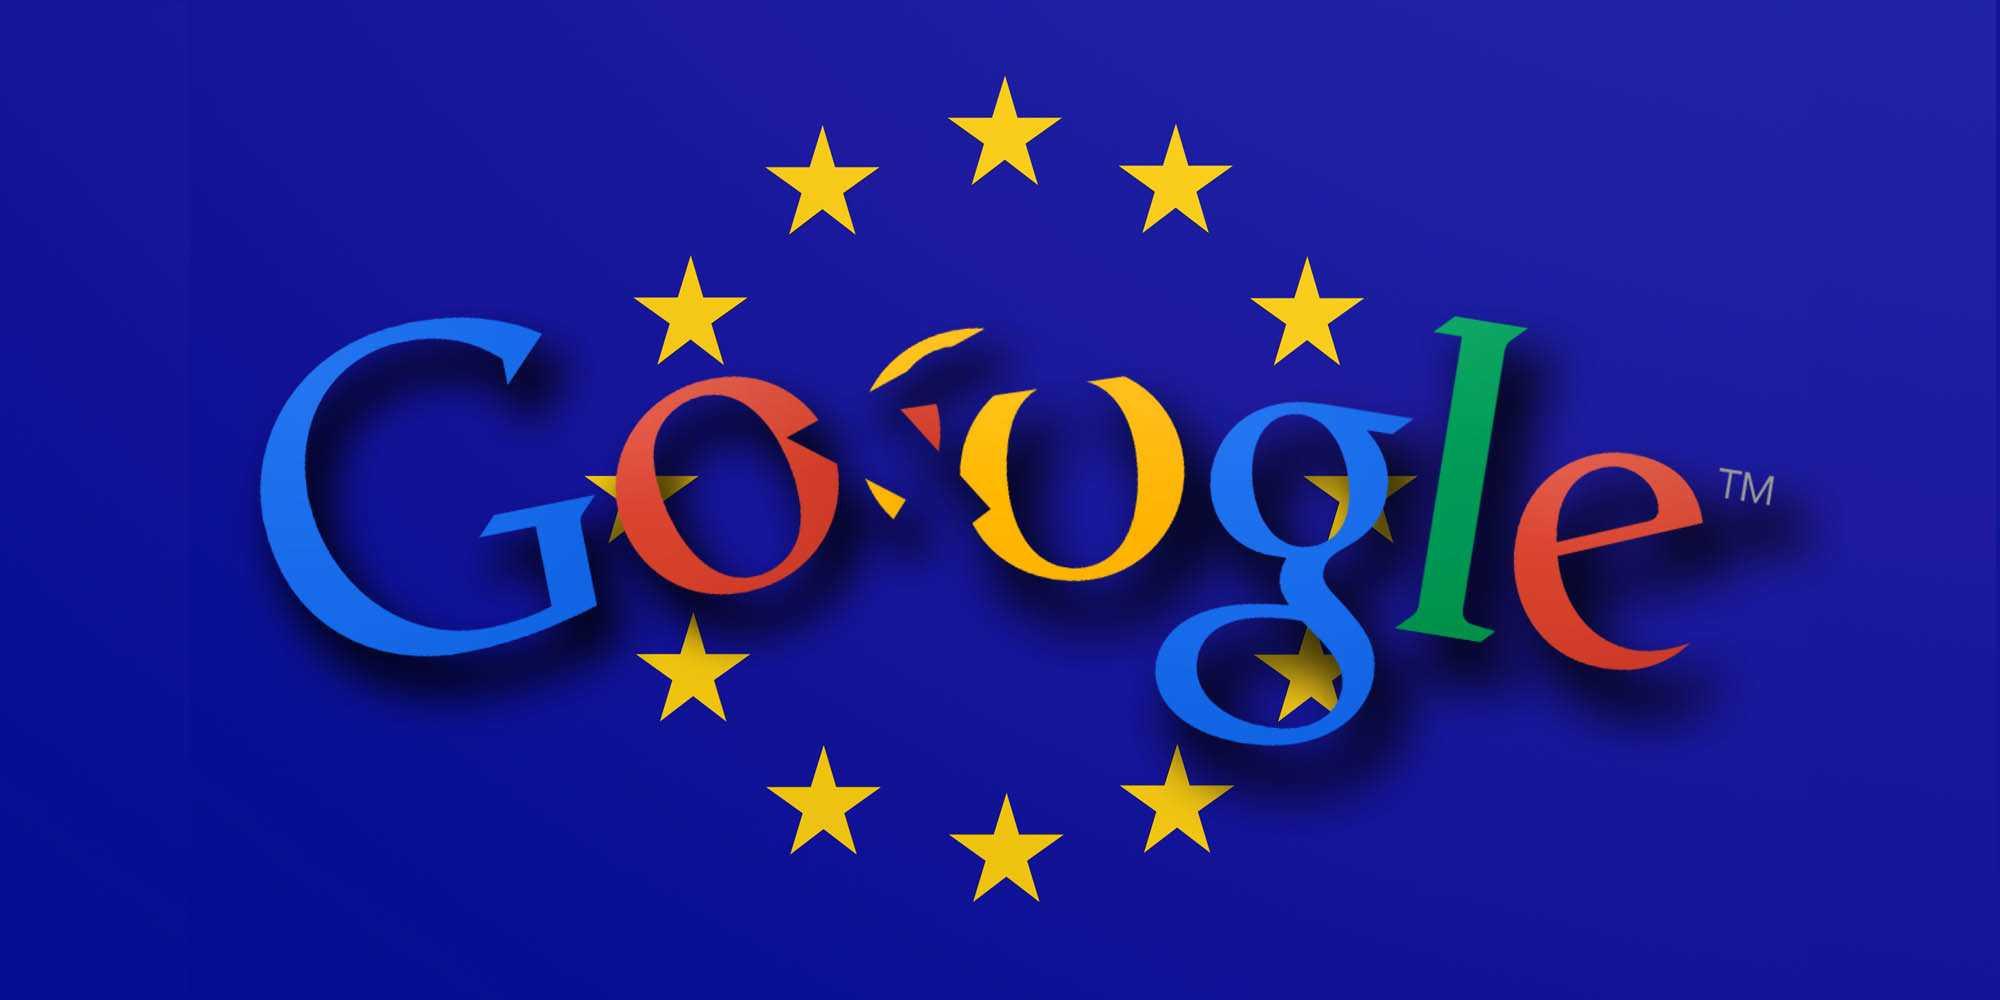 Google ne pourra pas vendre de moteurs de recherche alternatifs sur Android